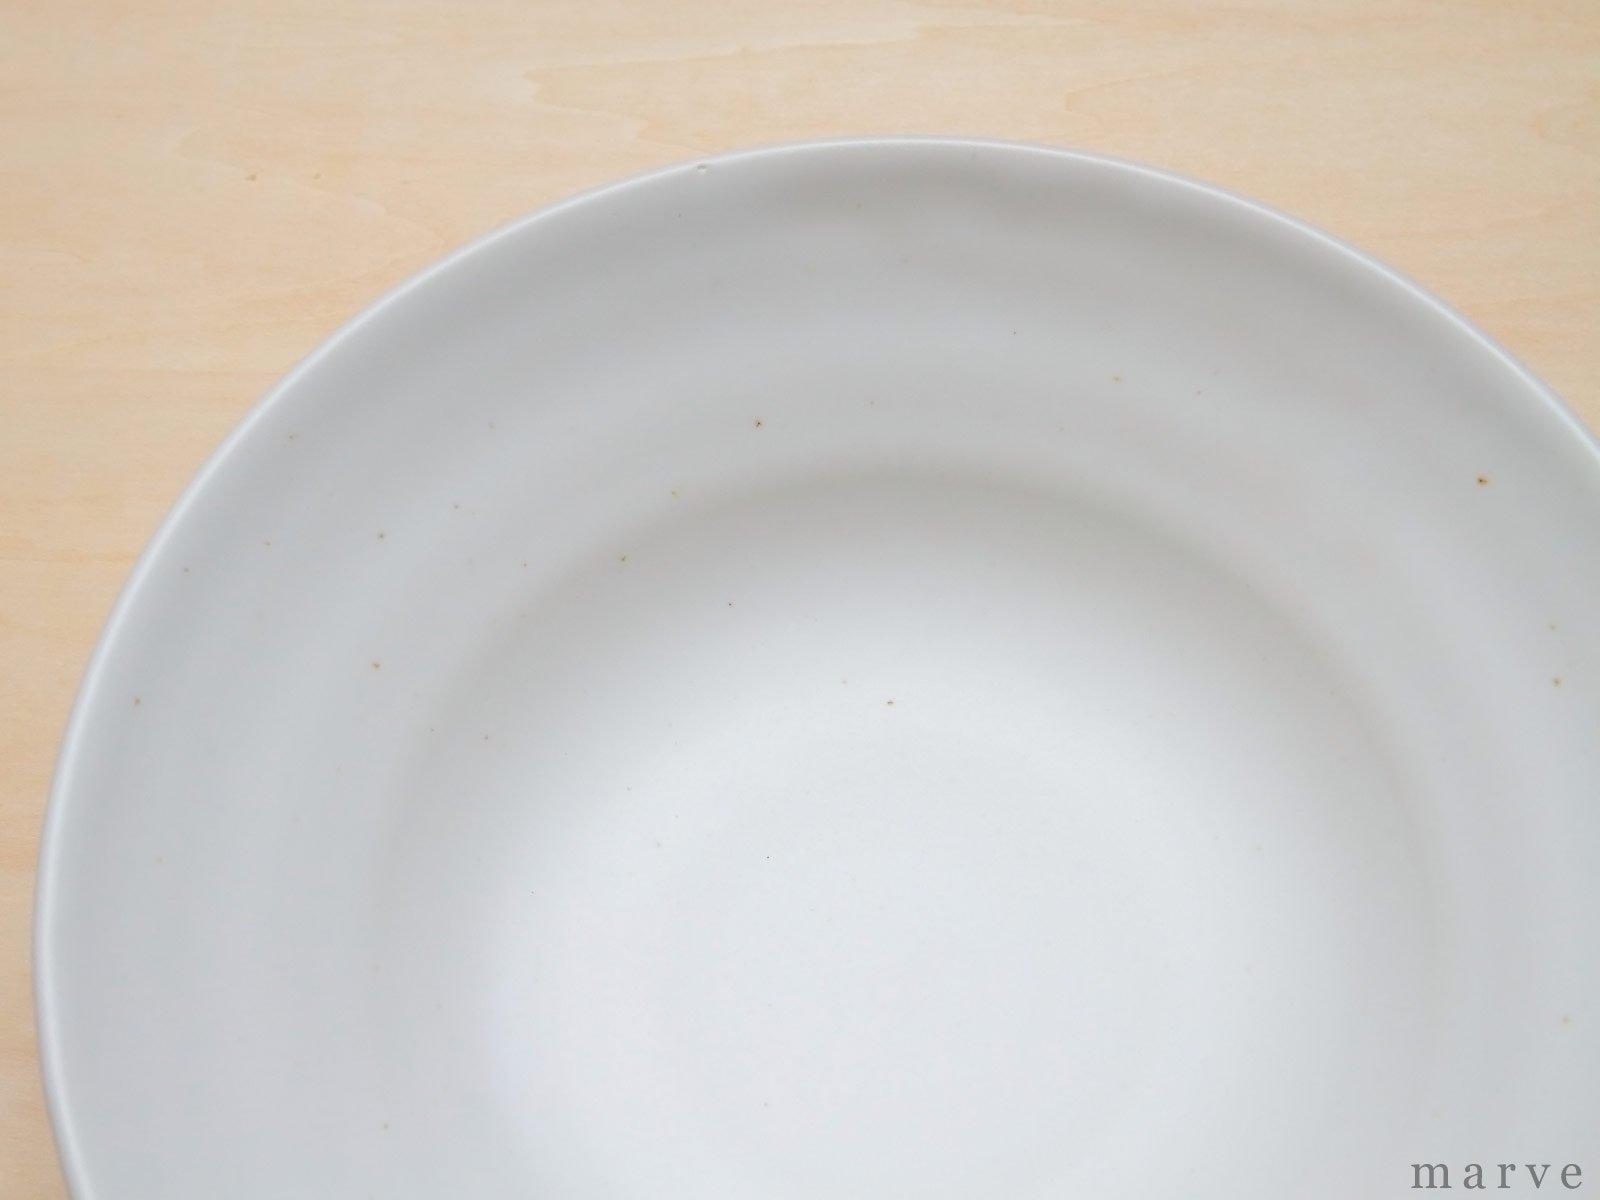 SUZUGAMA(スズガマ) White series パスタプレート